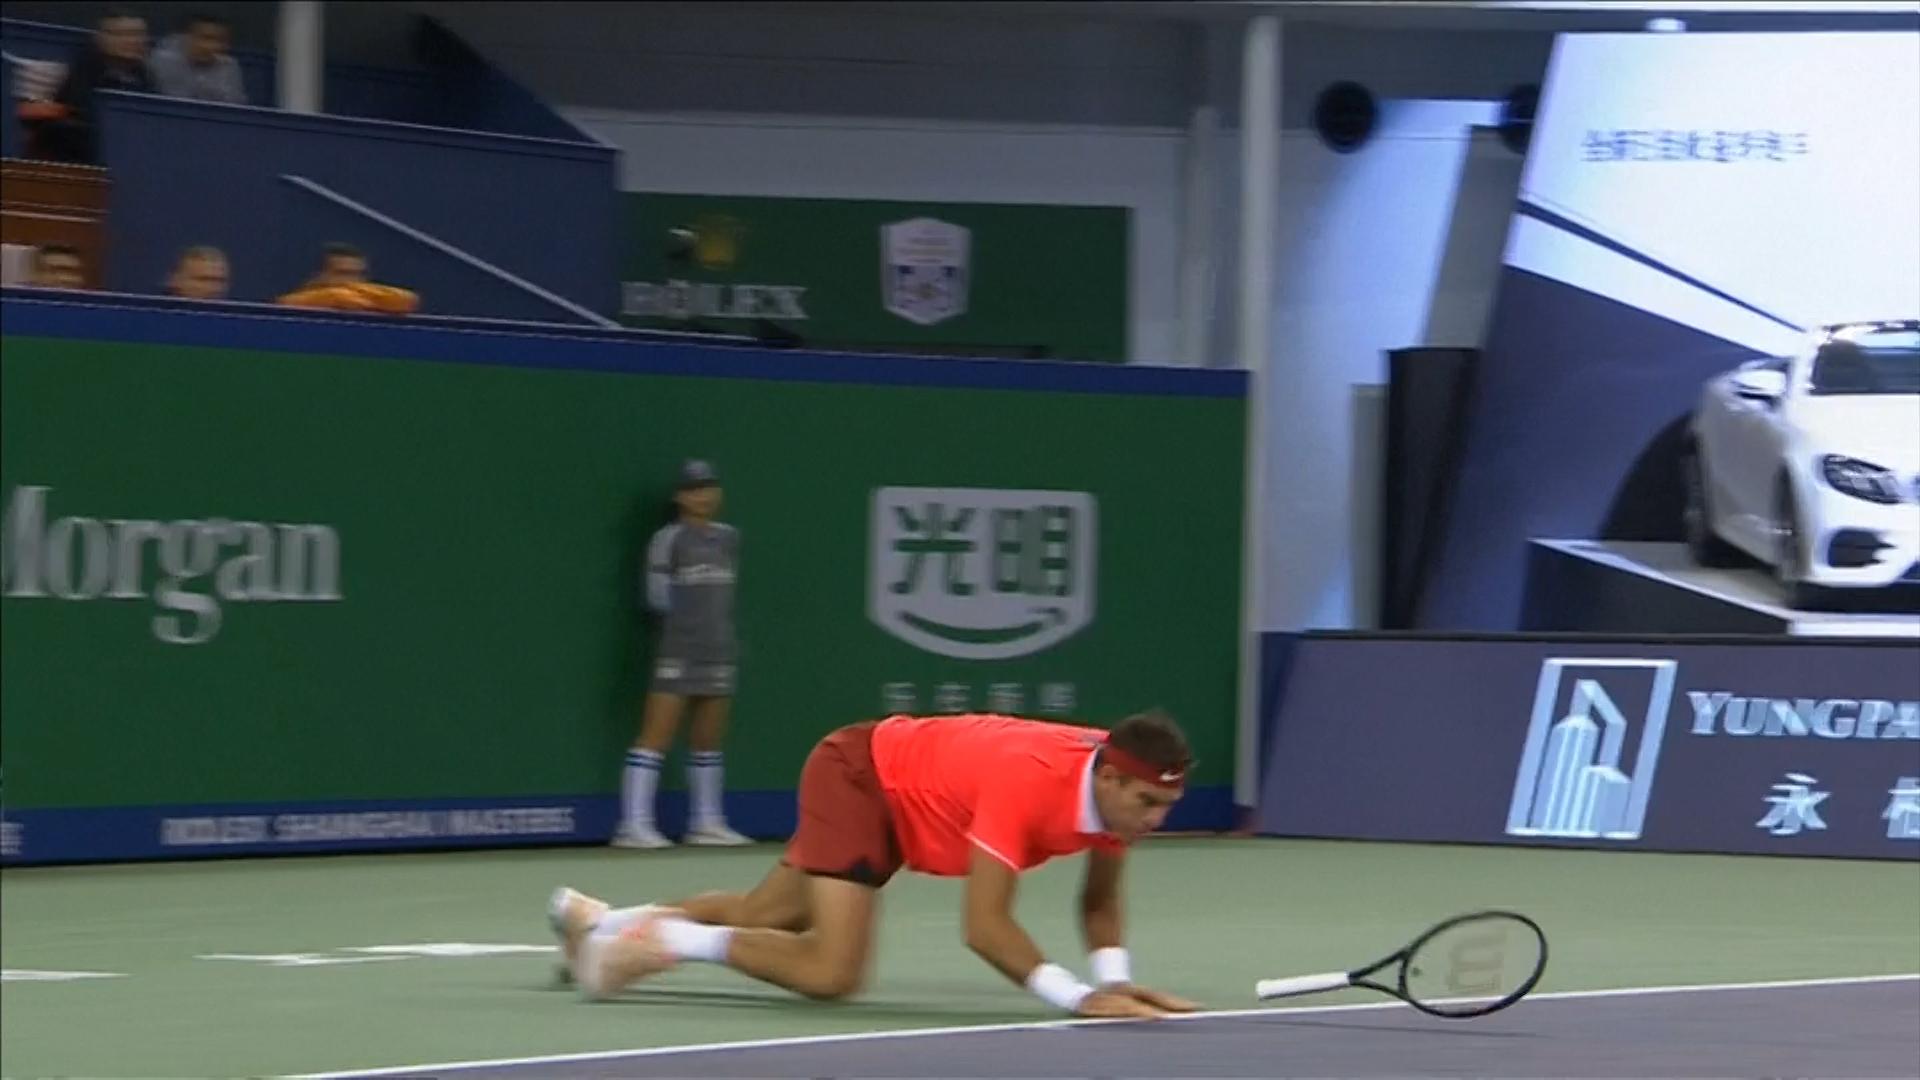 El momento de la lesión de Del Potro el 11 de noviembre en el Masters de Shanghai